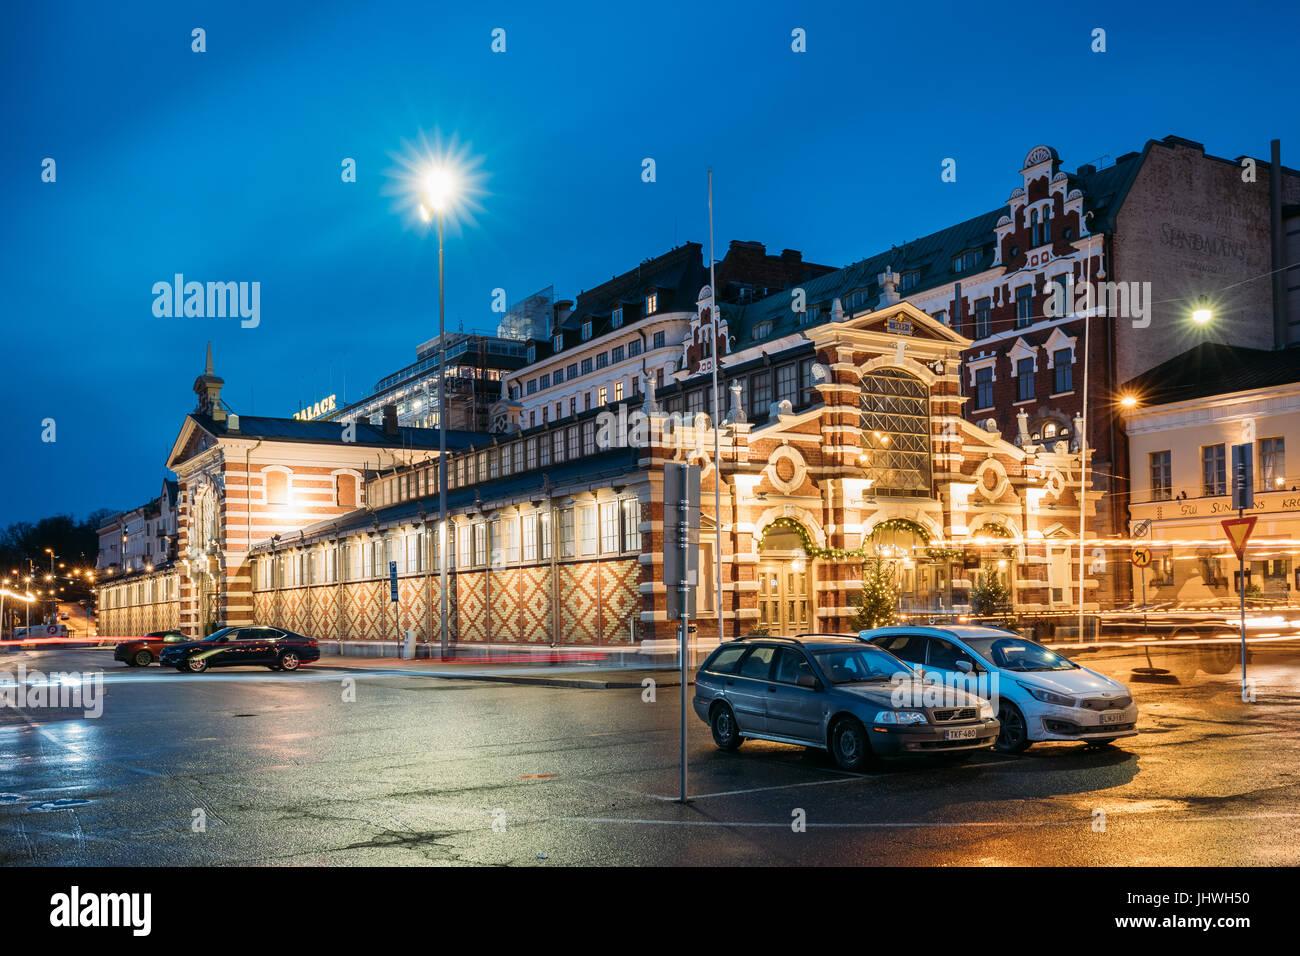 Helsinki, Finnland - 9. Dezember 2016: Alte Markthalle Vanha Kauppahalli im Zentrum der Stadt In der Beleuchtung Stockbild